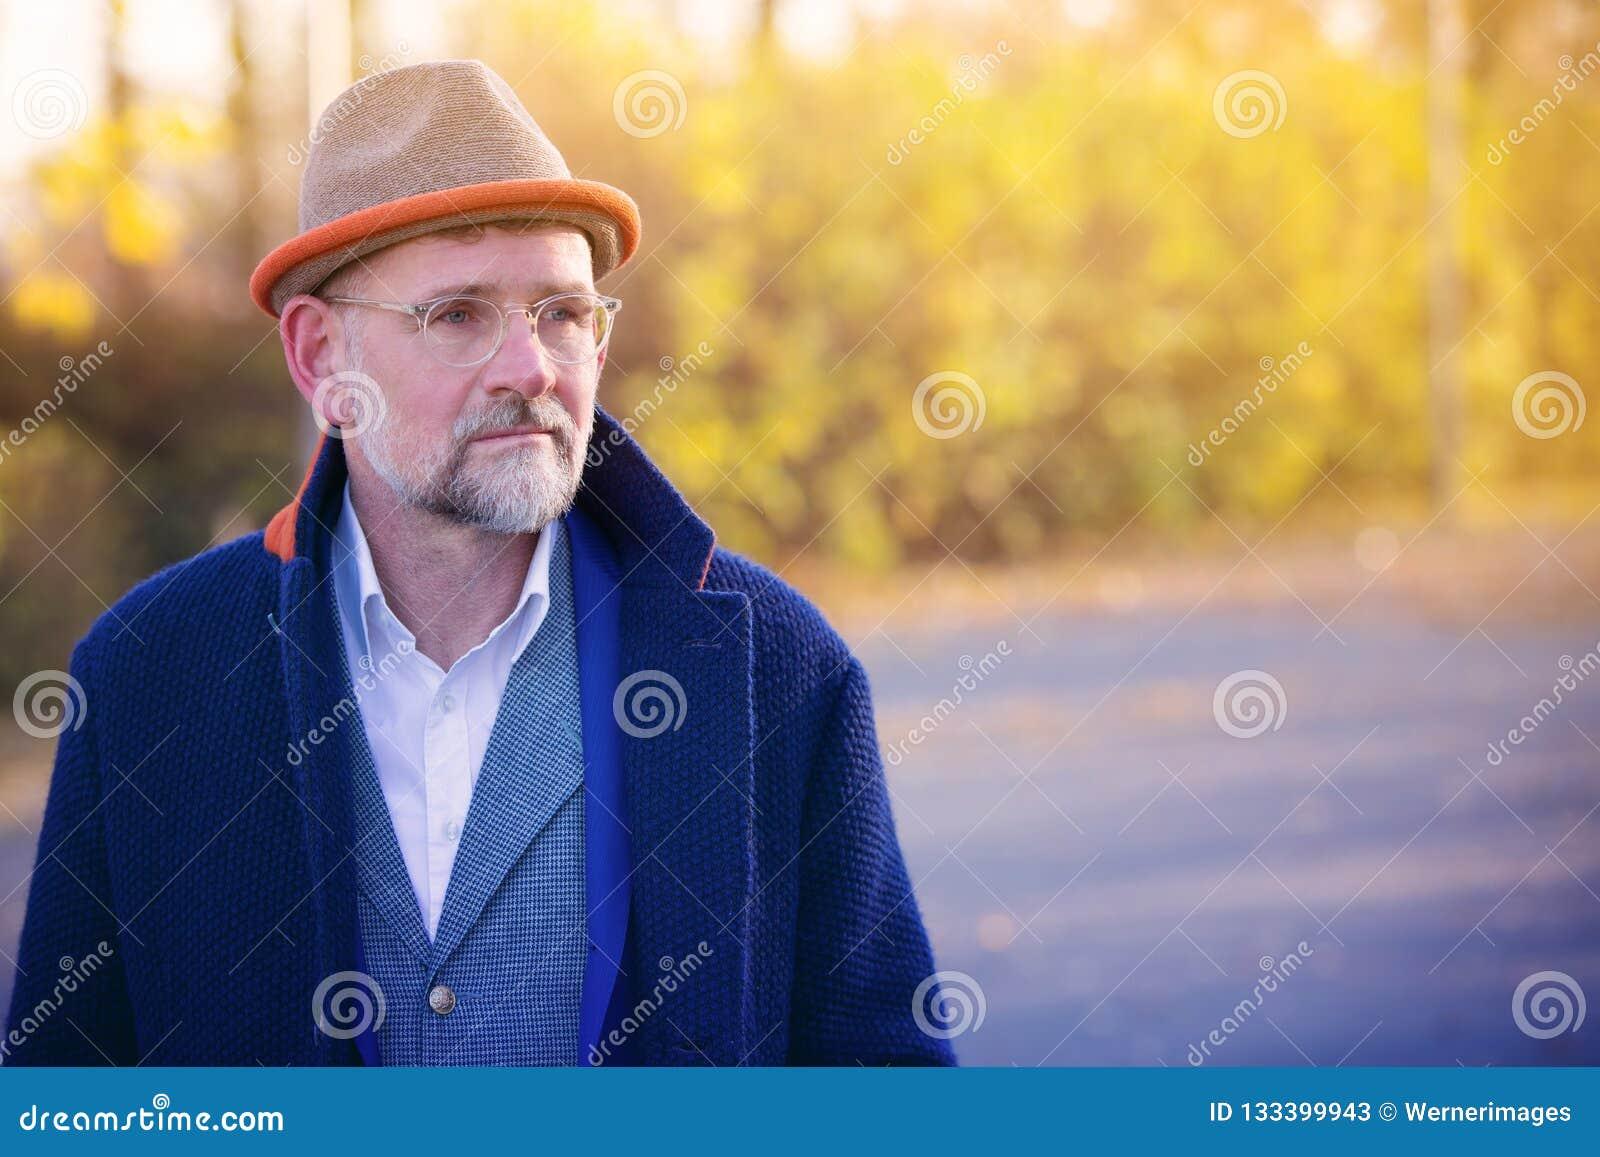 Retrato del hombre en su 50s en aire libre azul del traje y de la capa